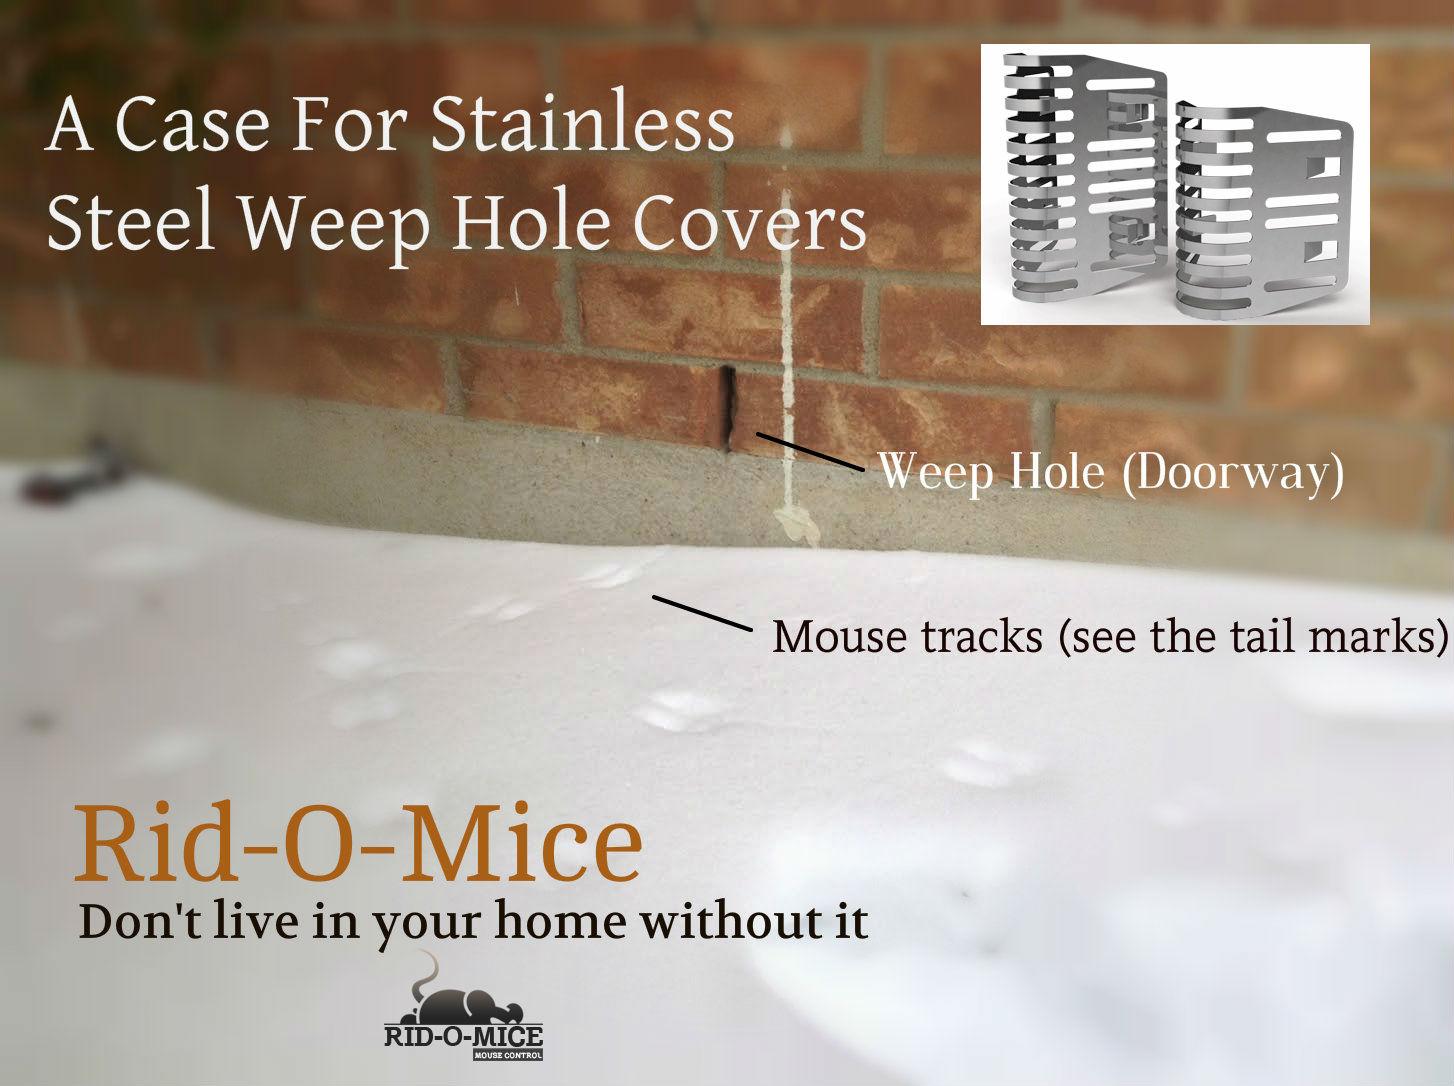 rid-o-mice